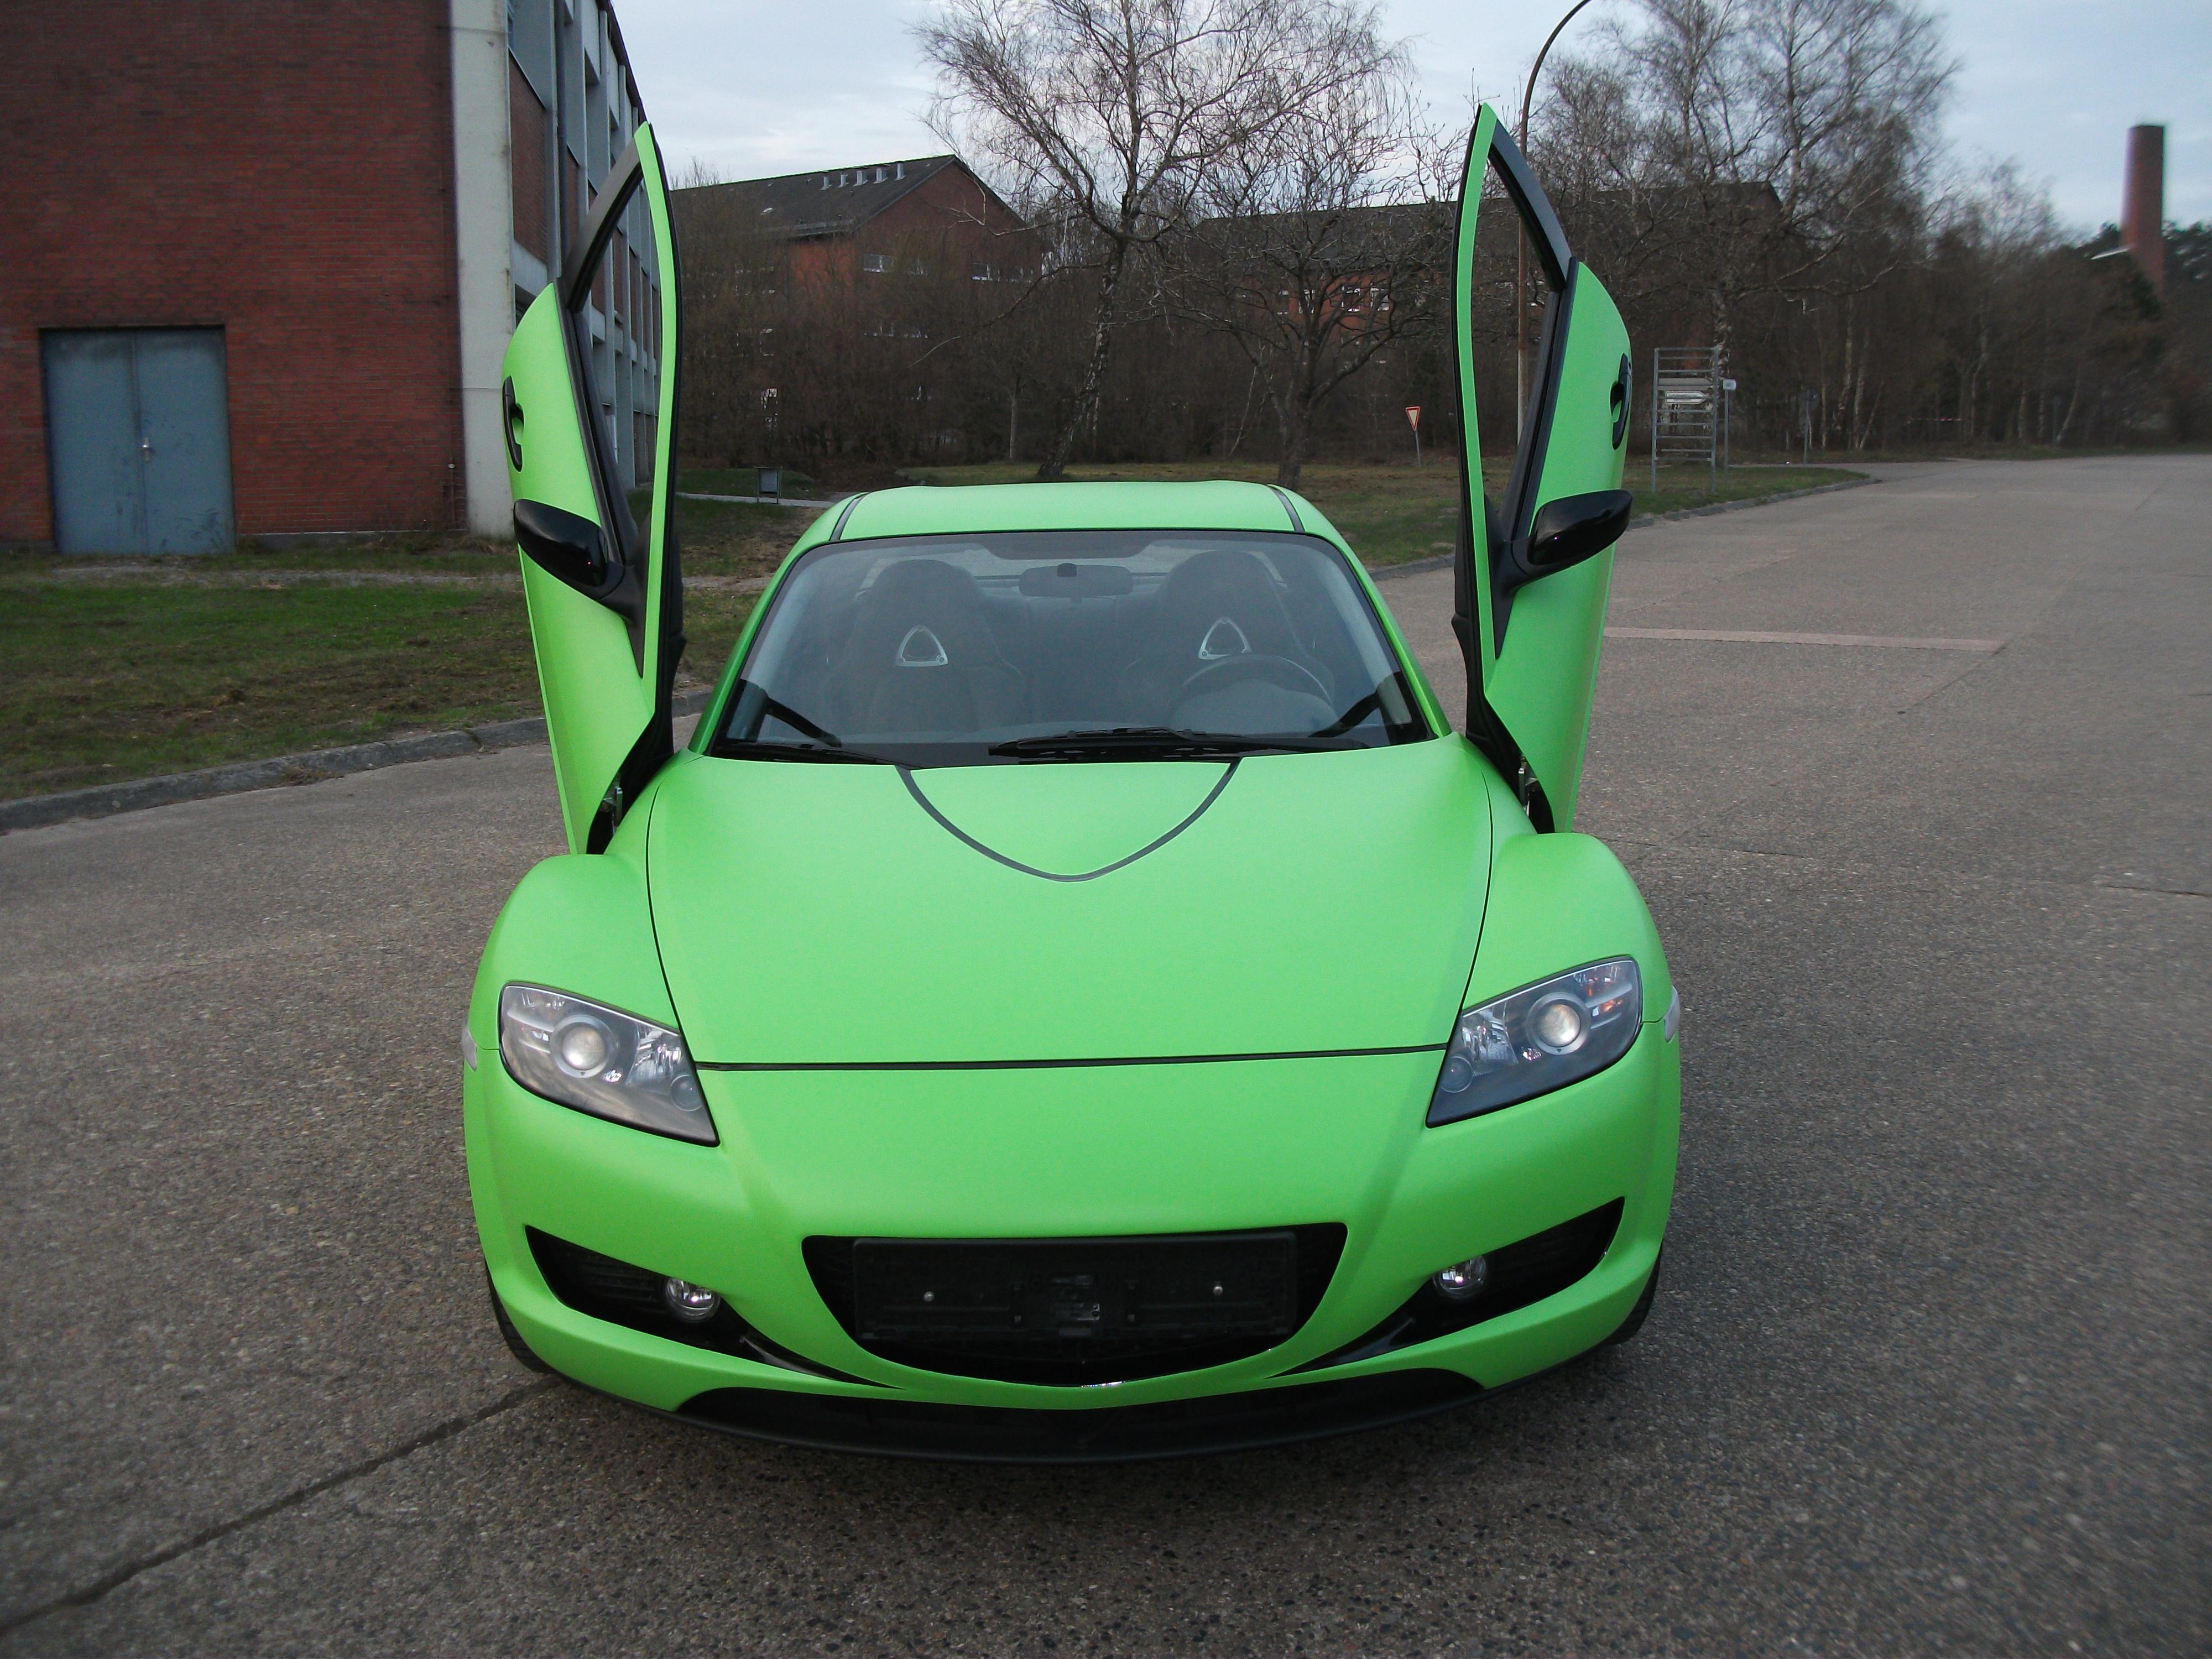 Mazda MX5 in Giftgrün Foliert Carwrap Flügeltüren